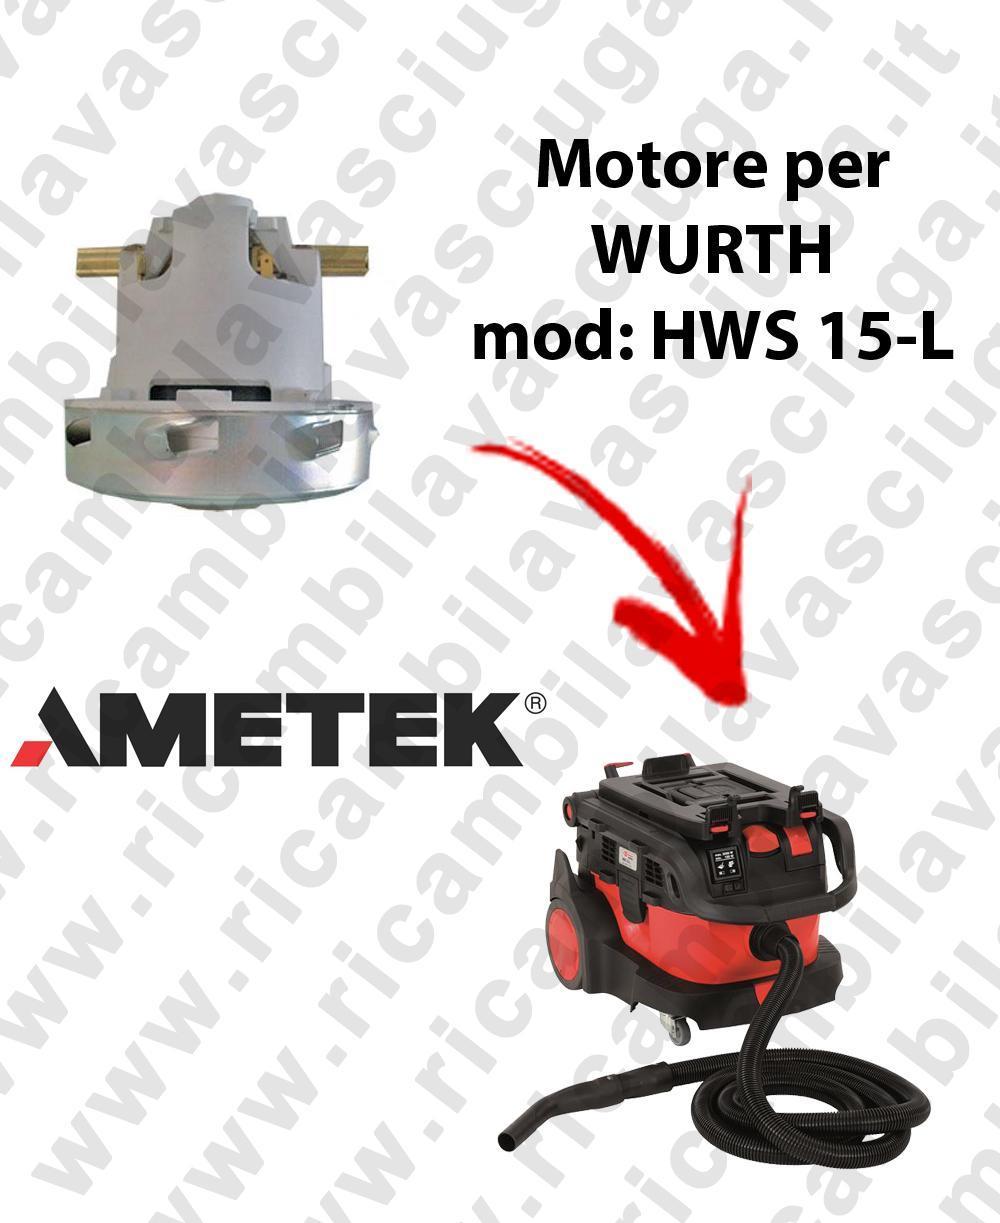 HWS 15-L automatic MOTEUR ASPIRATION AMETEK pour aspirateur WURTH